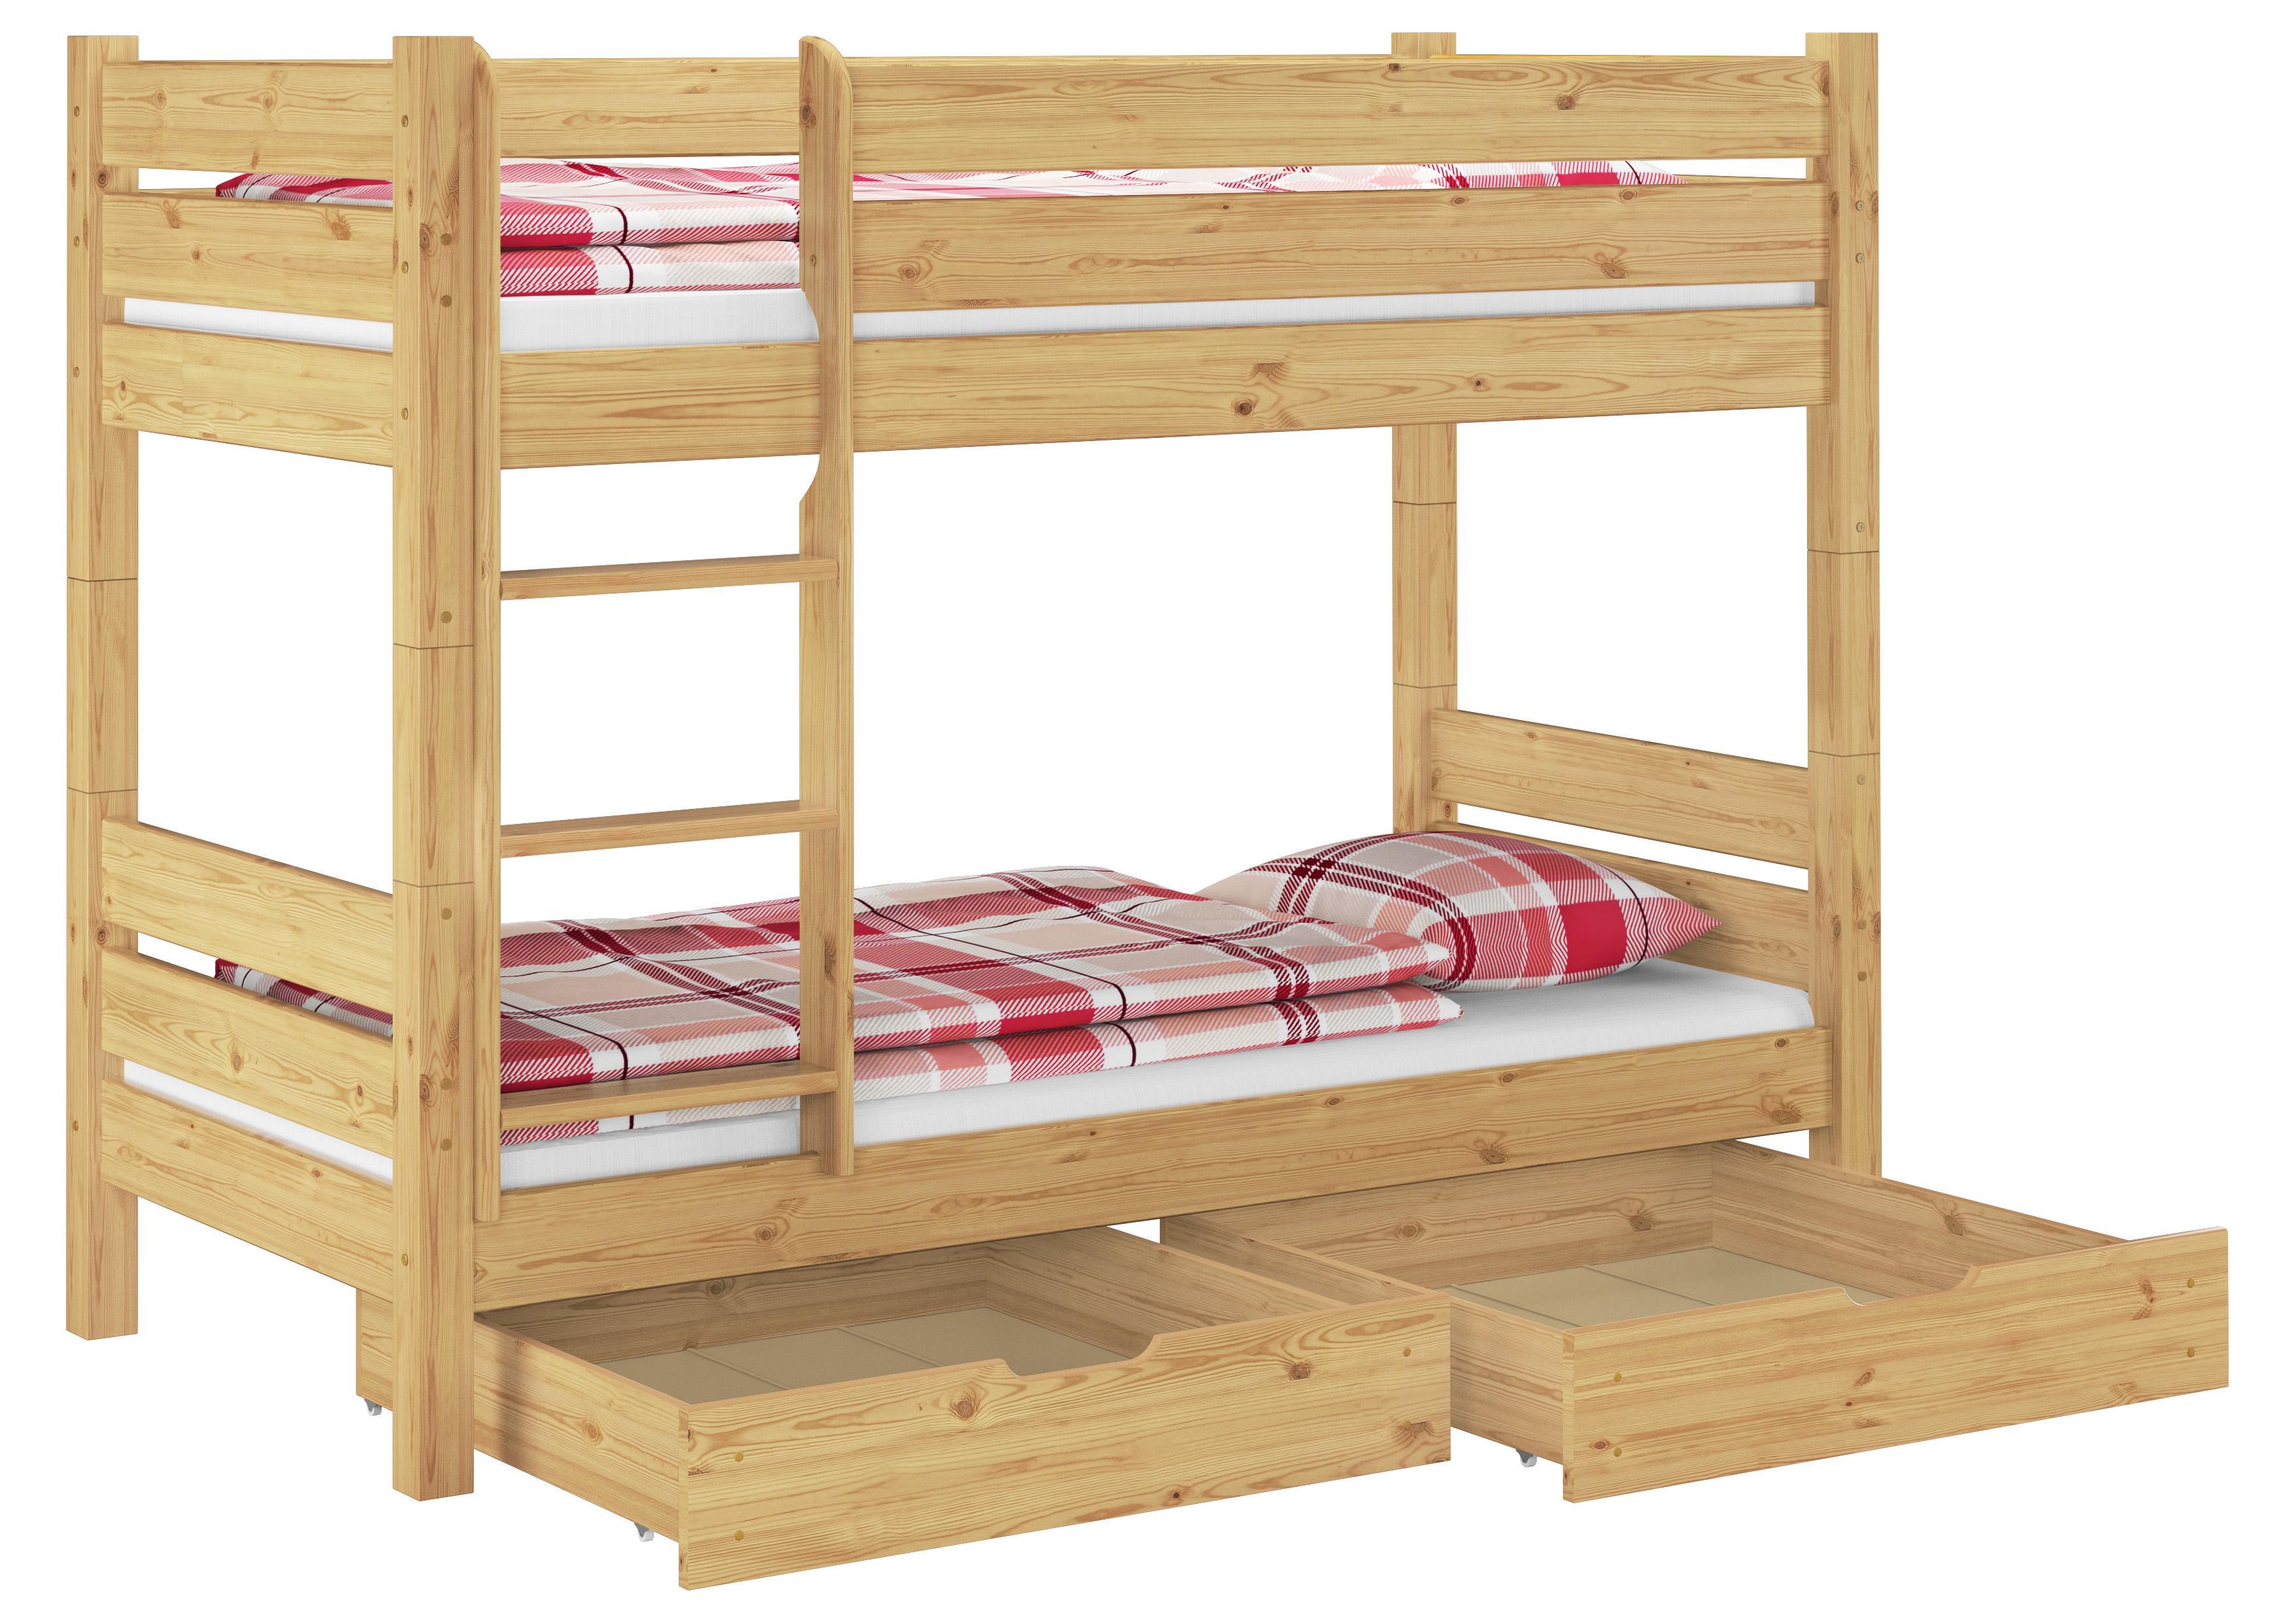 Etagenbetten Erwachsene : Etagenbett erwachsene kinderzimmer fresh hochbett mitwachsend